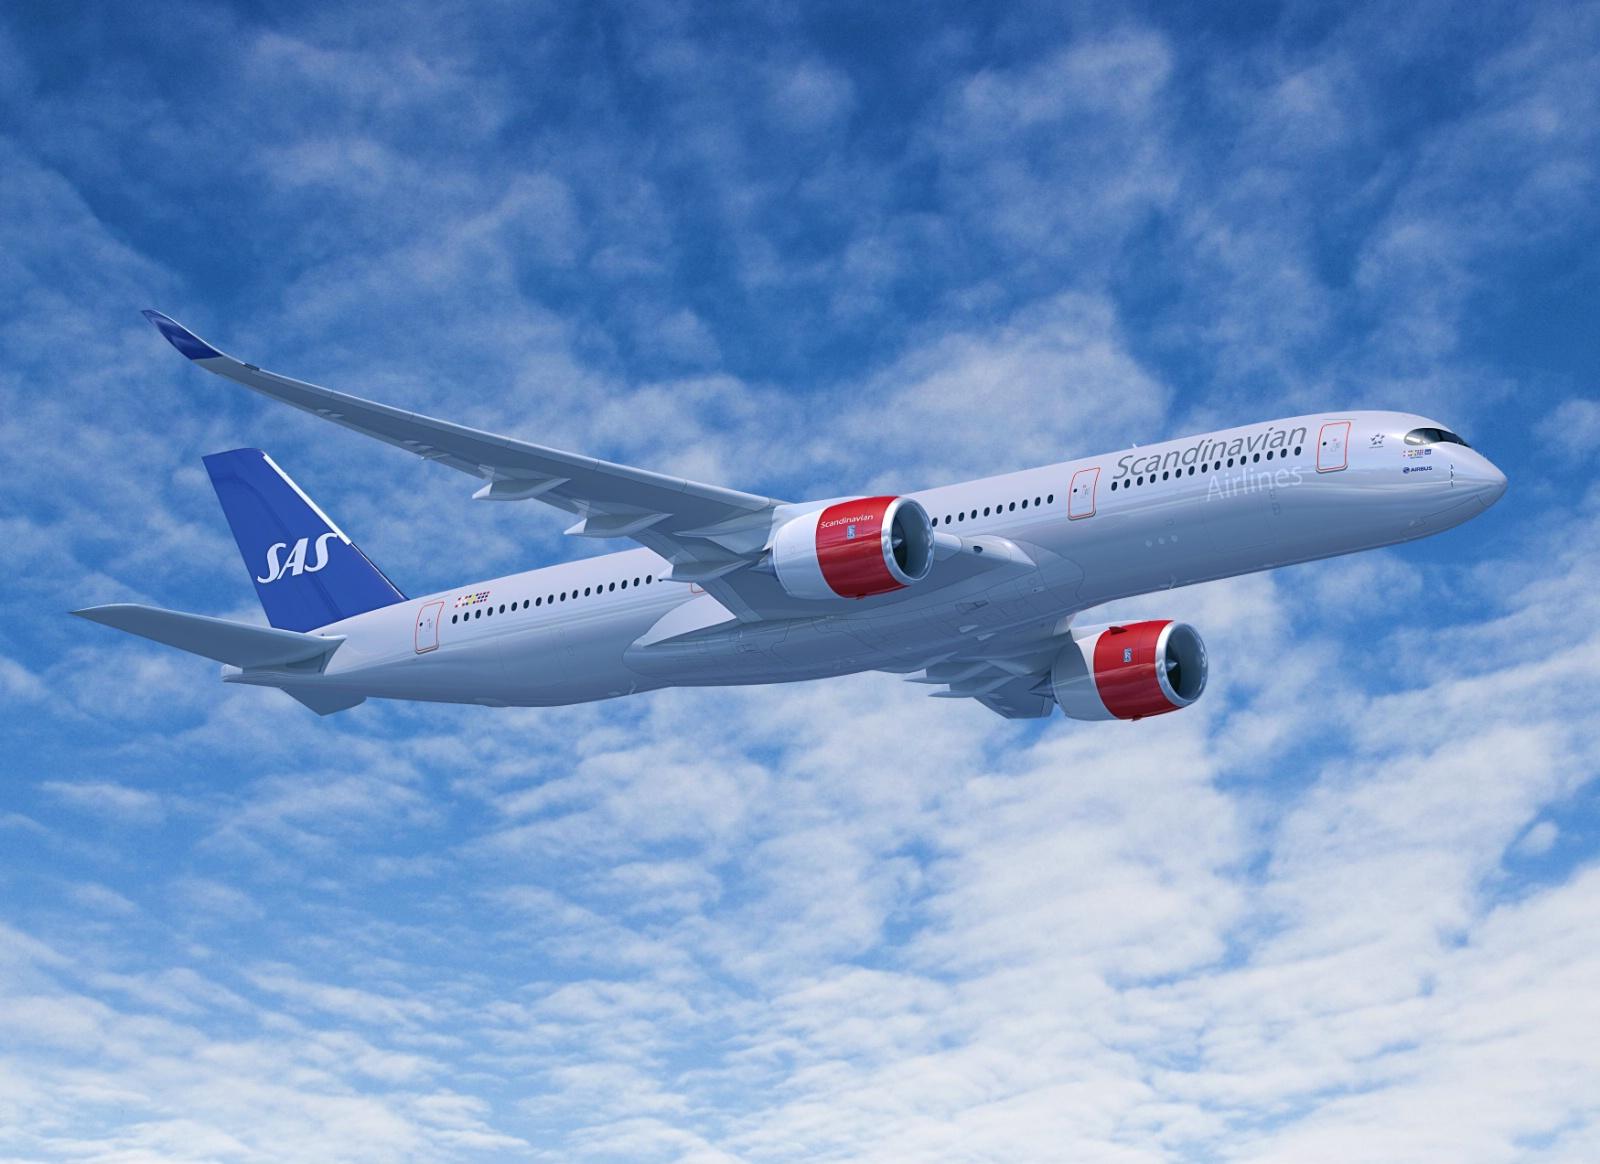 SAS A350-900 XWB (Computergrafik: Airbus)